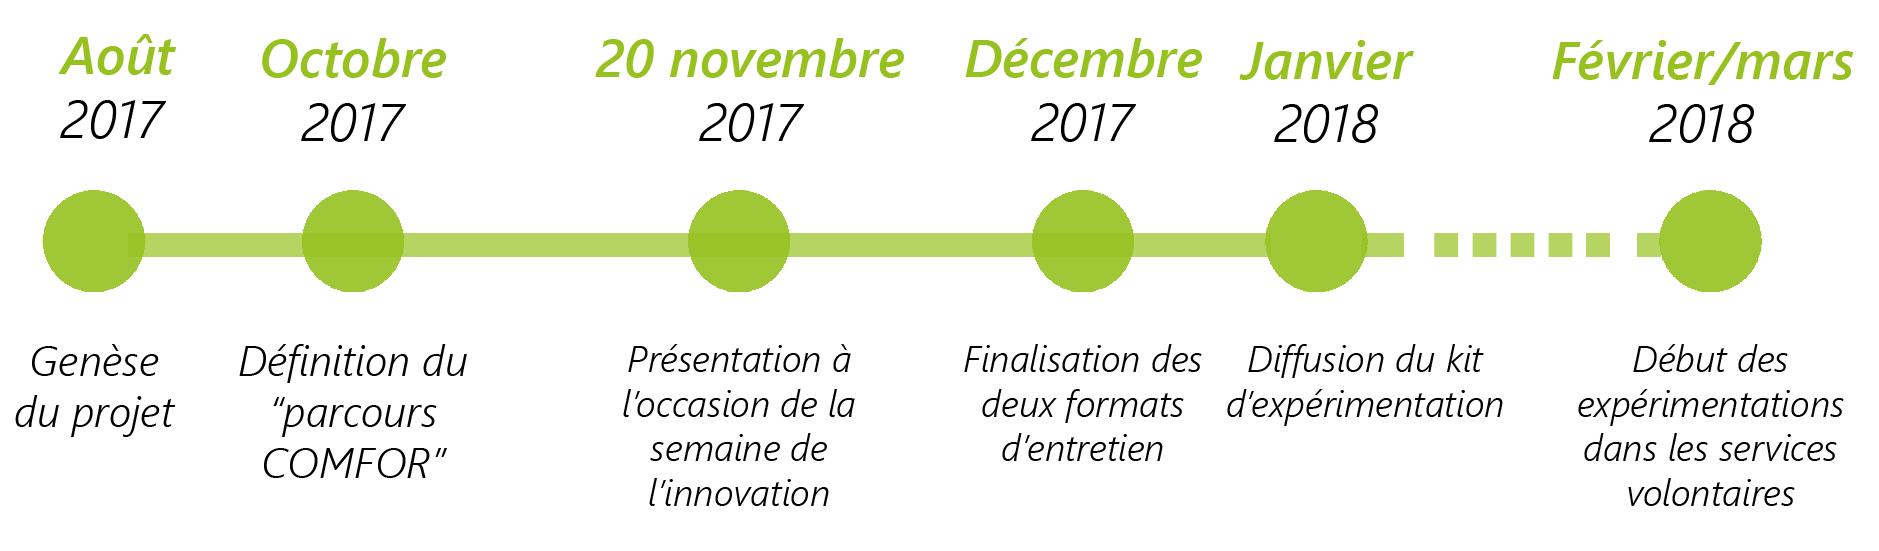 comfor  u2013 laboratoire d u0026 39 innovations de la pr u00e9fecture d u0026 39 ile